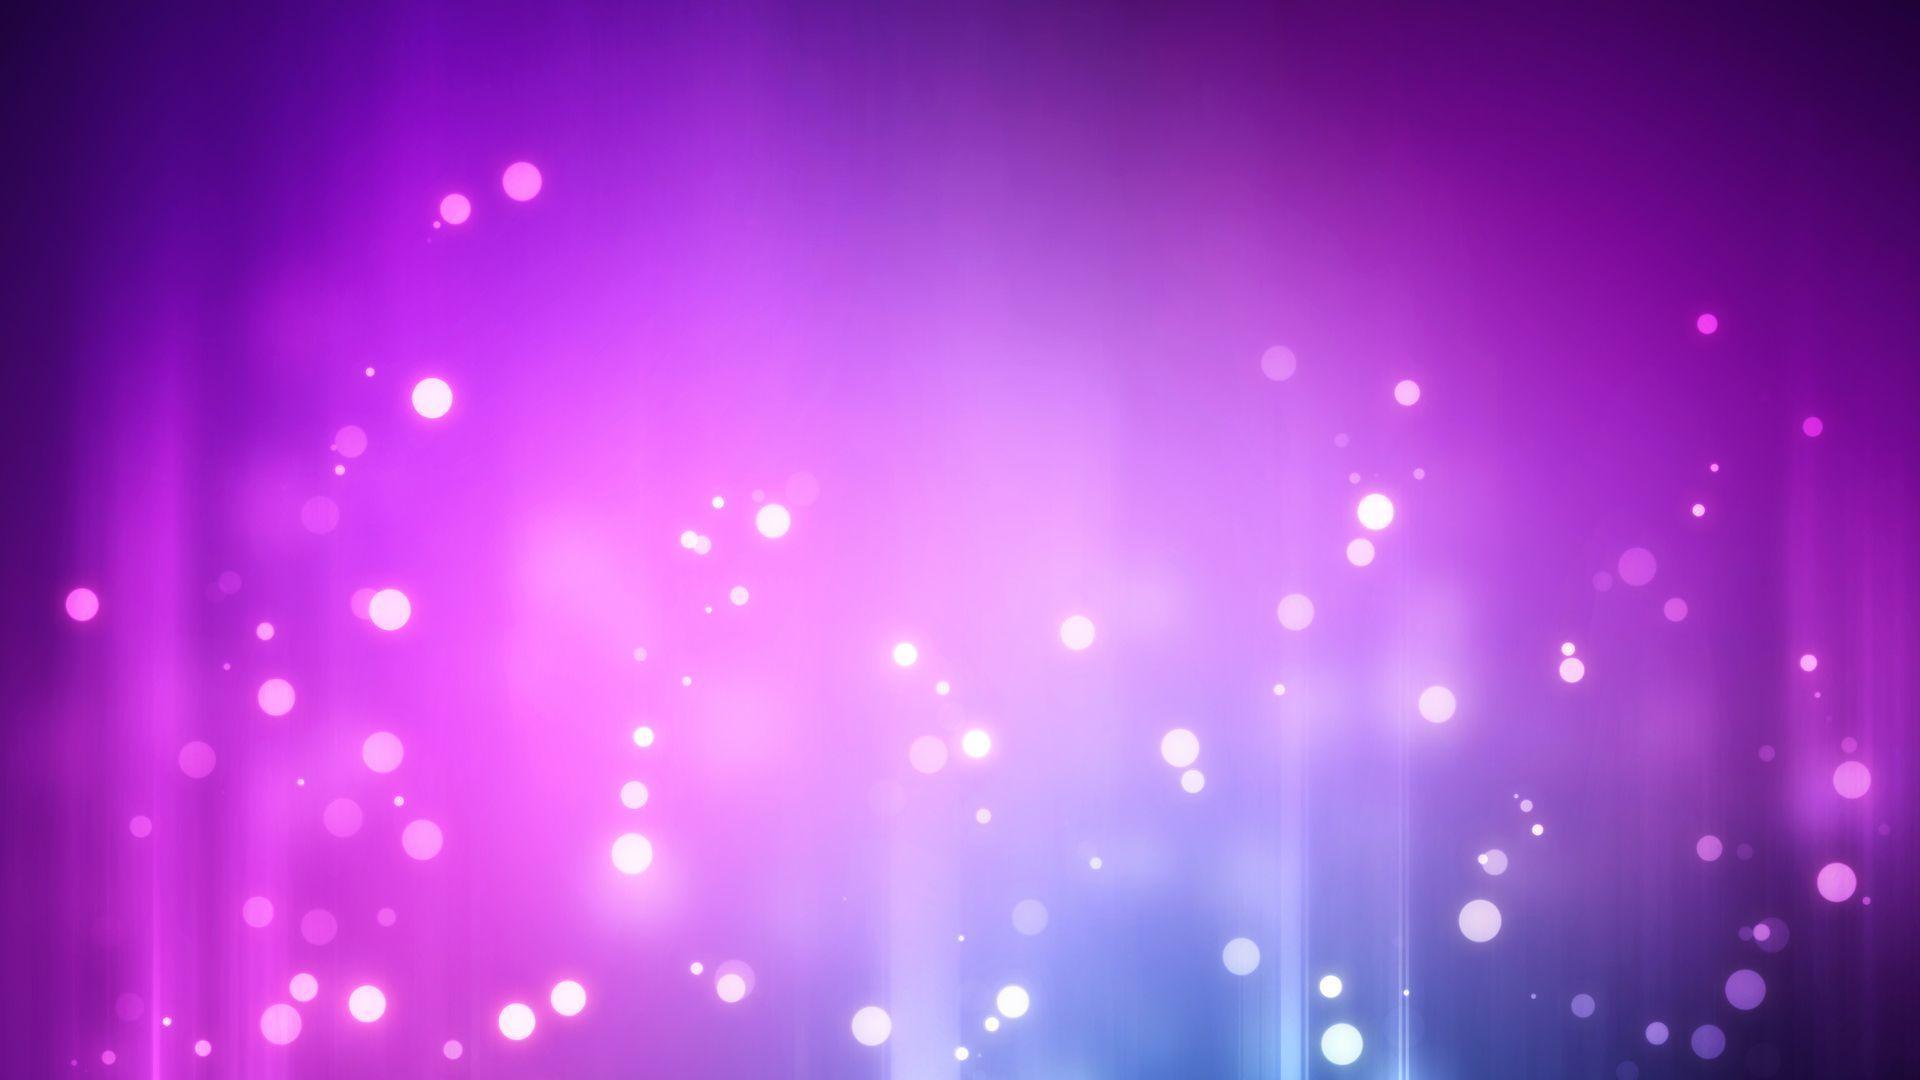 <b>pink</b>, <b>purple</b